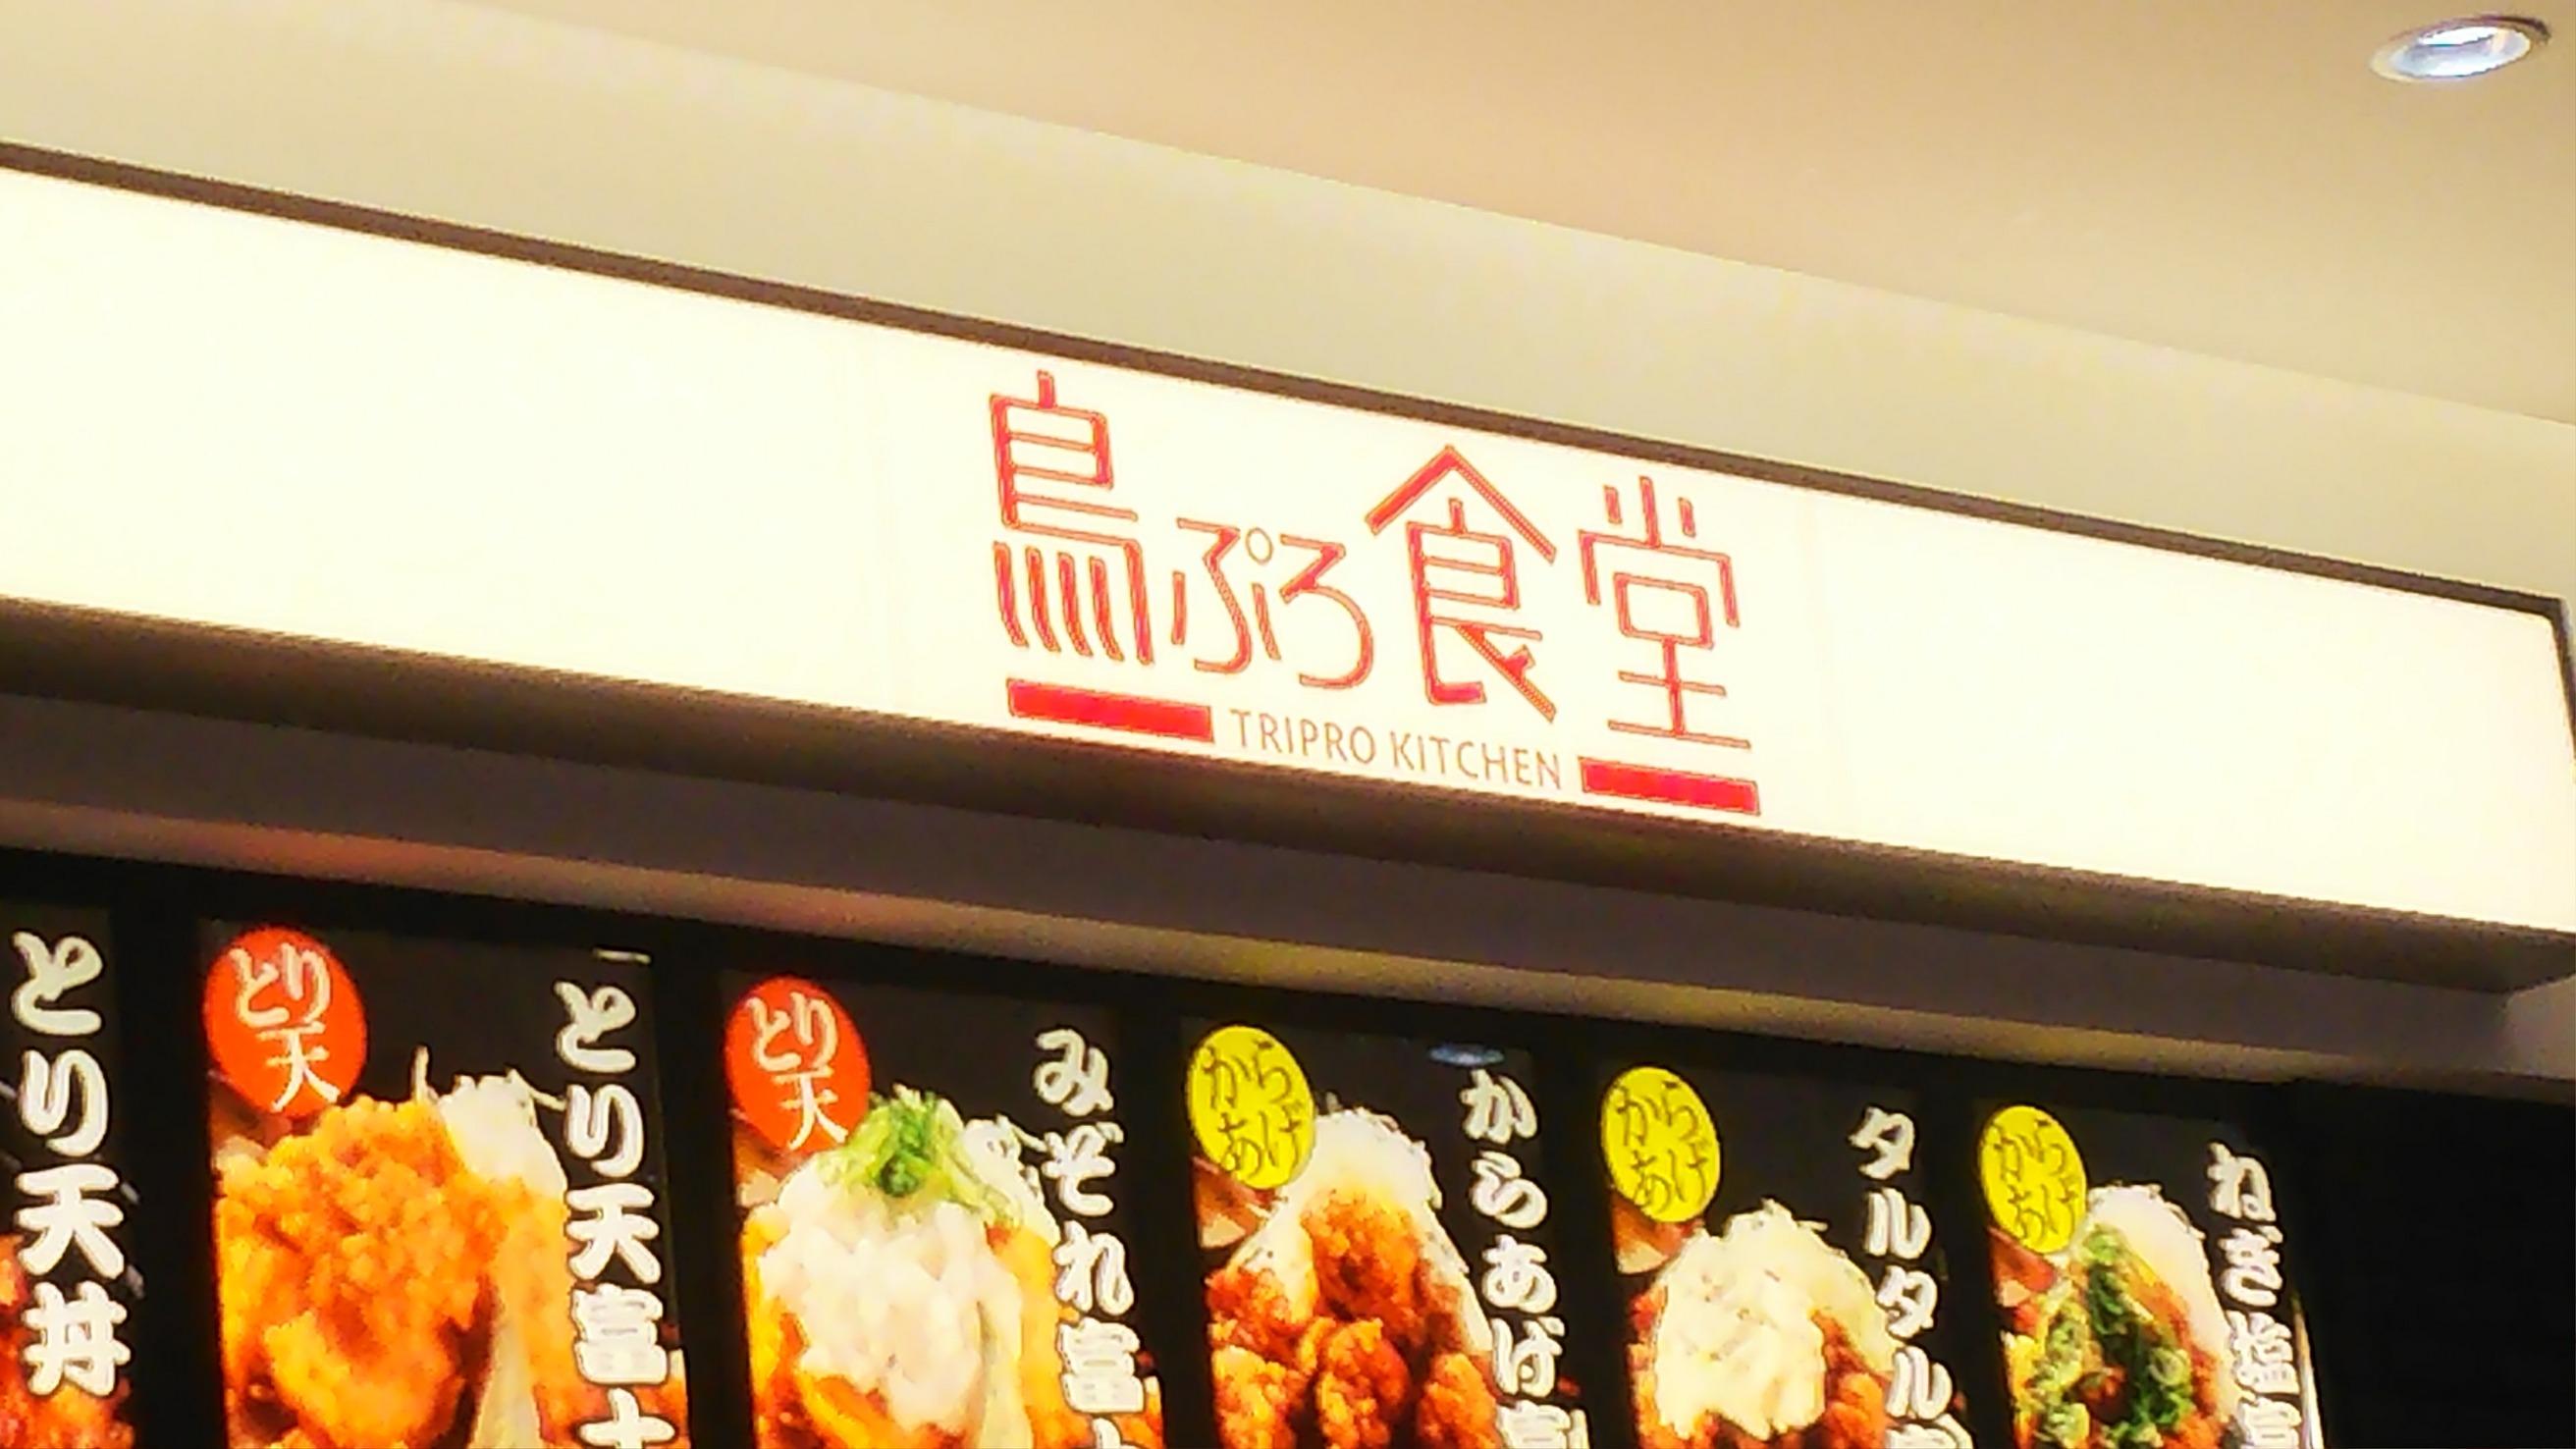 鳥ぷろ食堂(京都市/天ぷら・揚げ物)